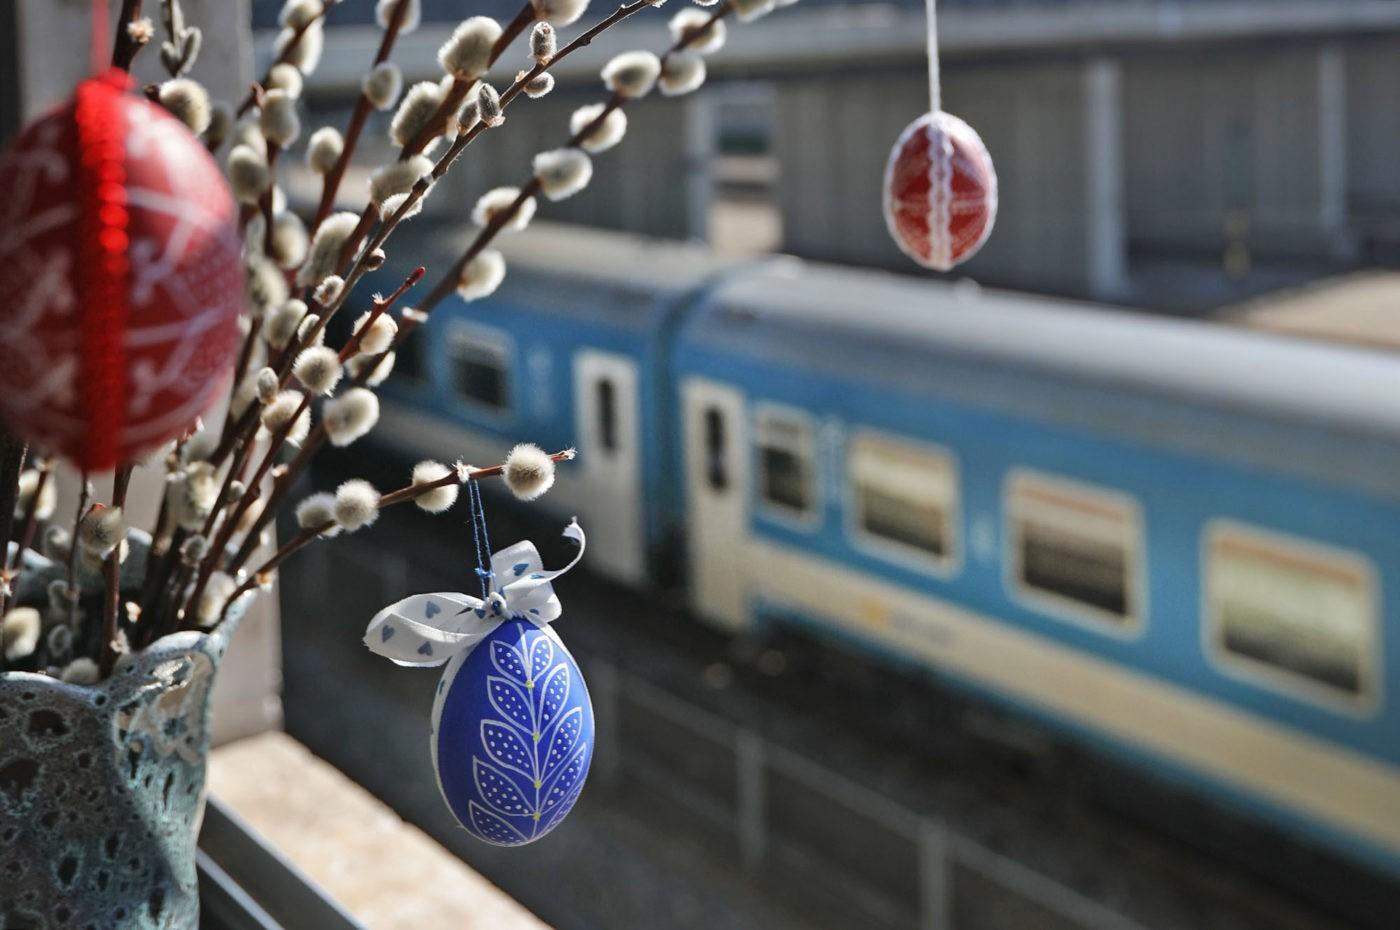 Így változik a közlekedés rendje a húsvéti hosszúhétvégén